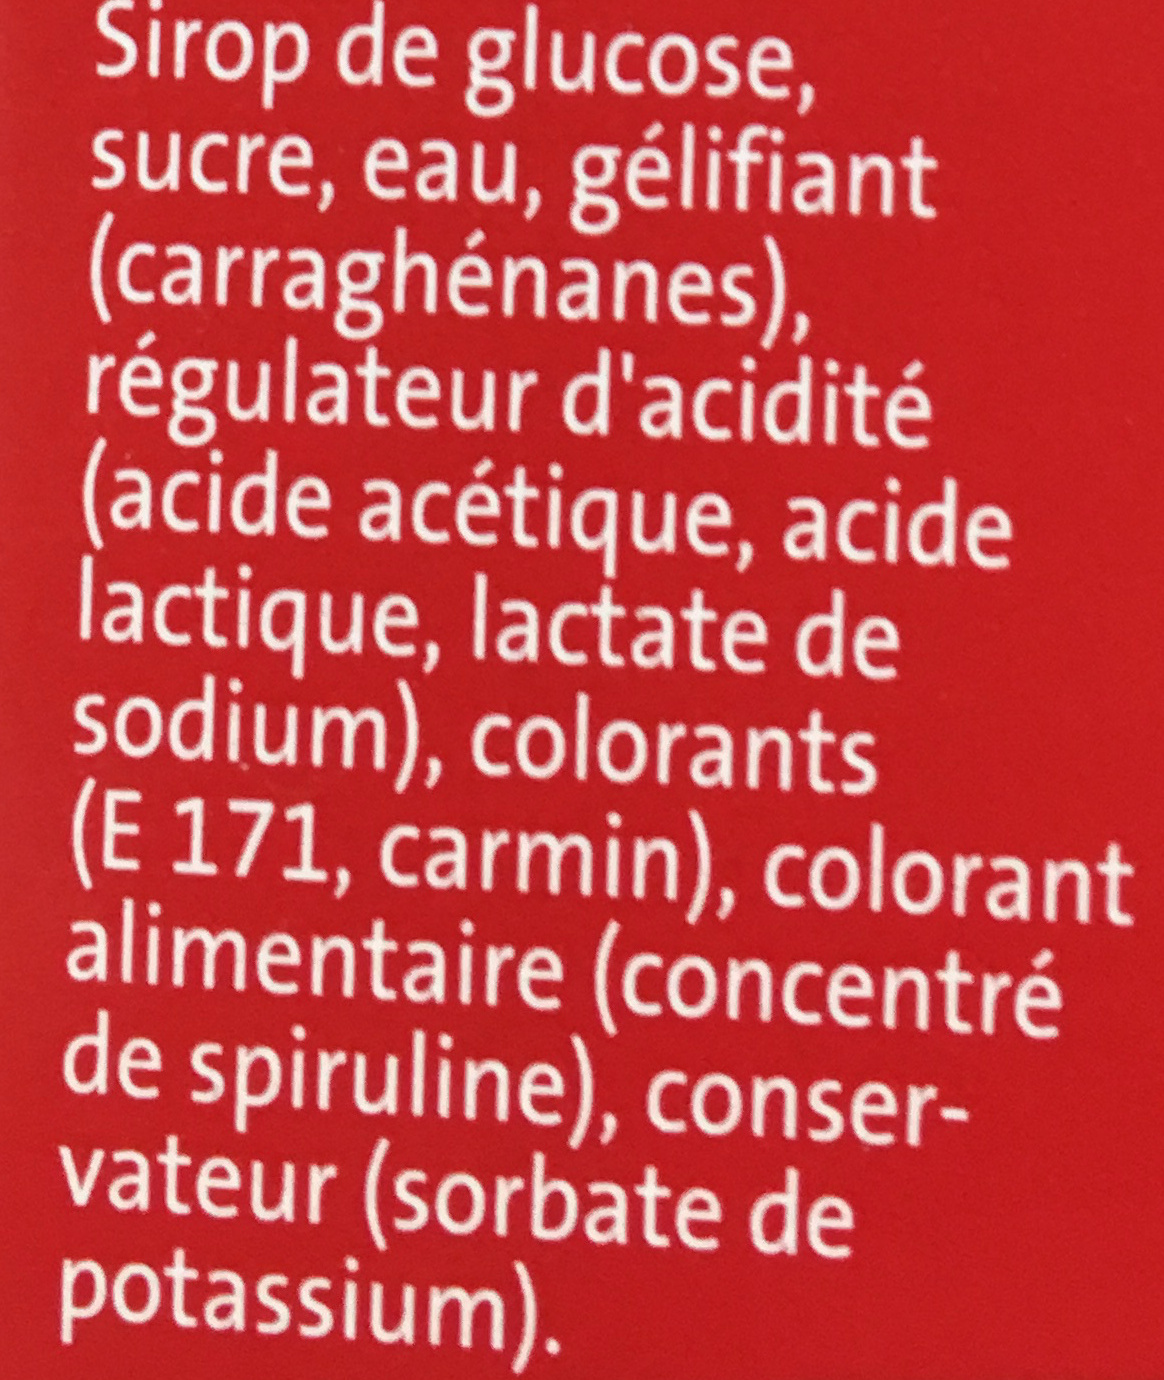 Crayons Brillants (rose, bleu, mauve, argent) - Ingrédients - fr